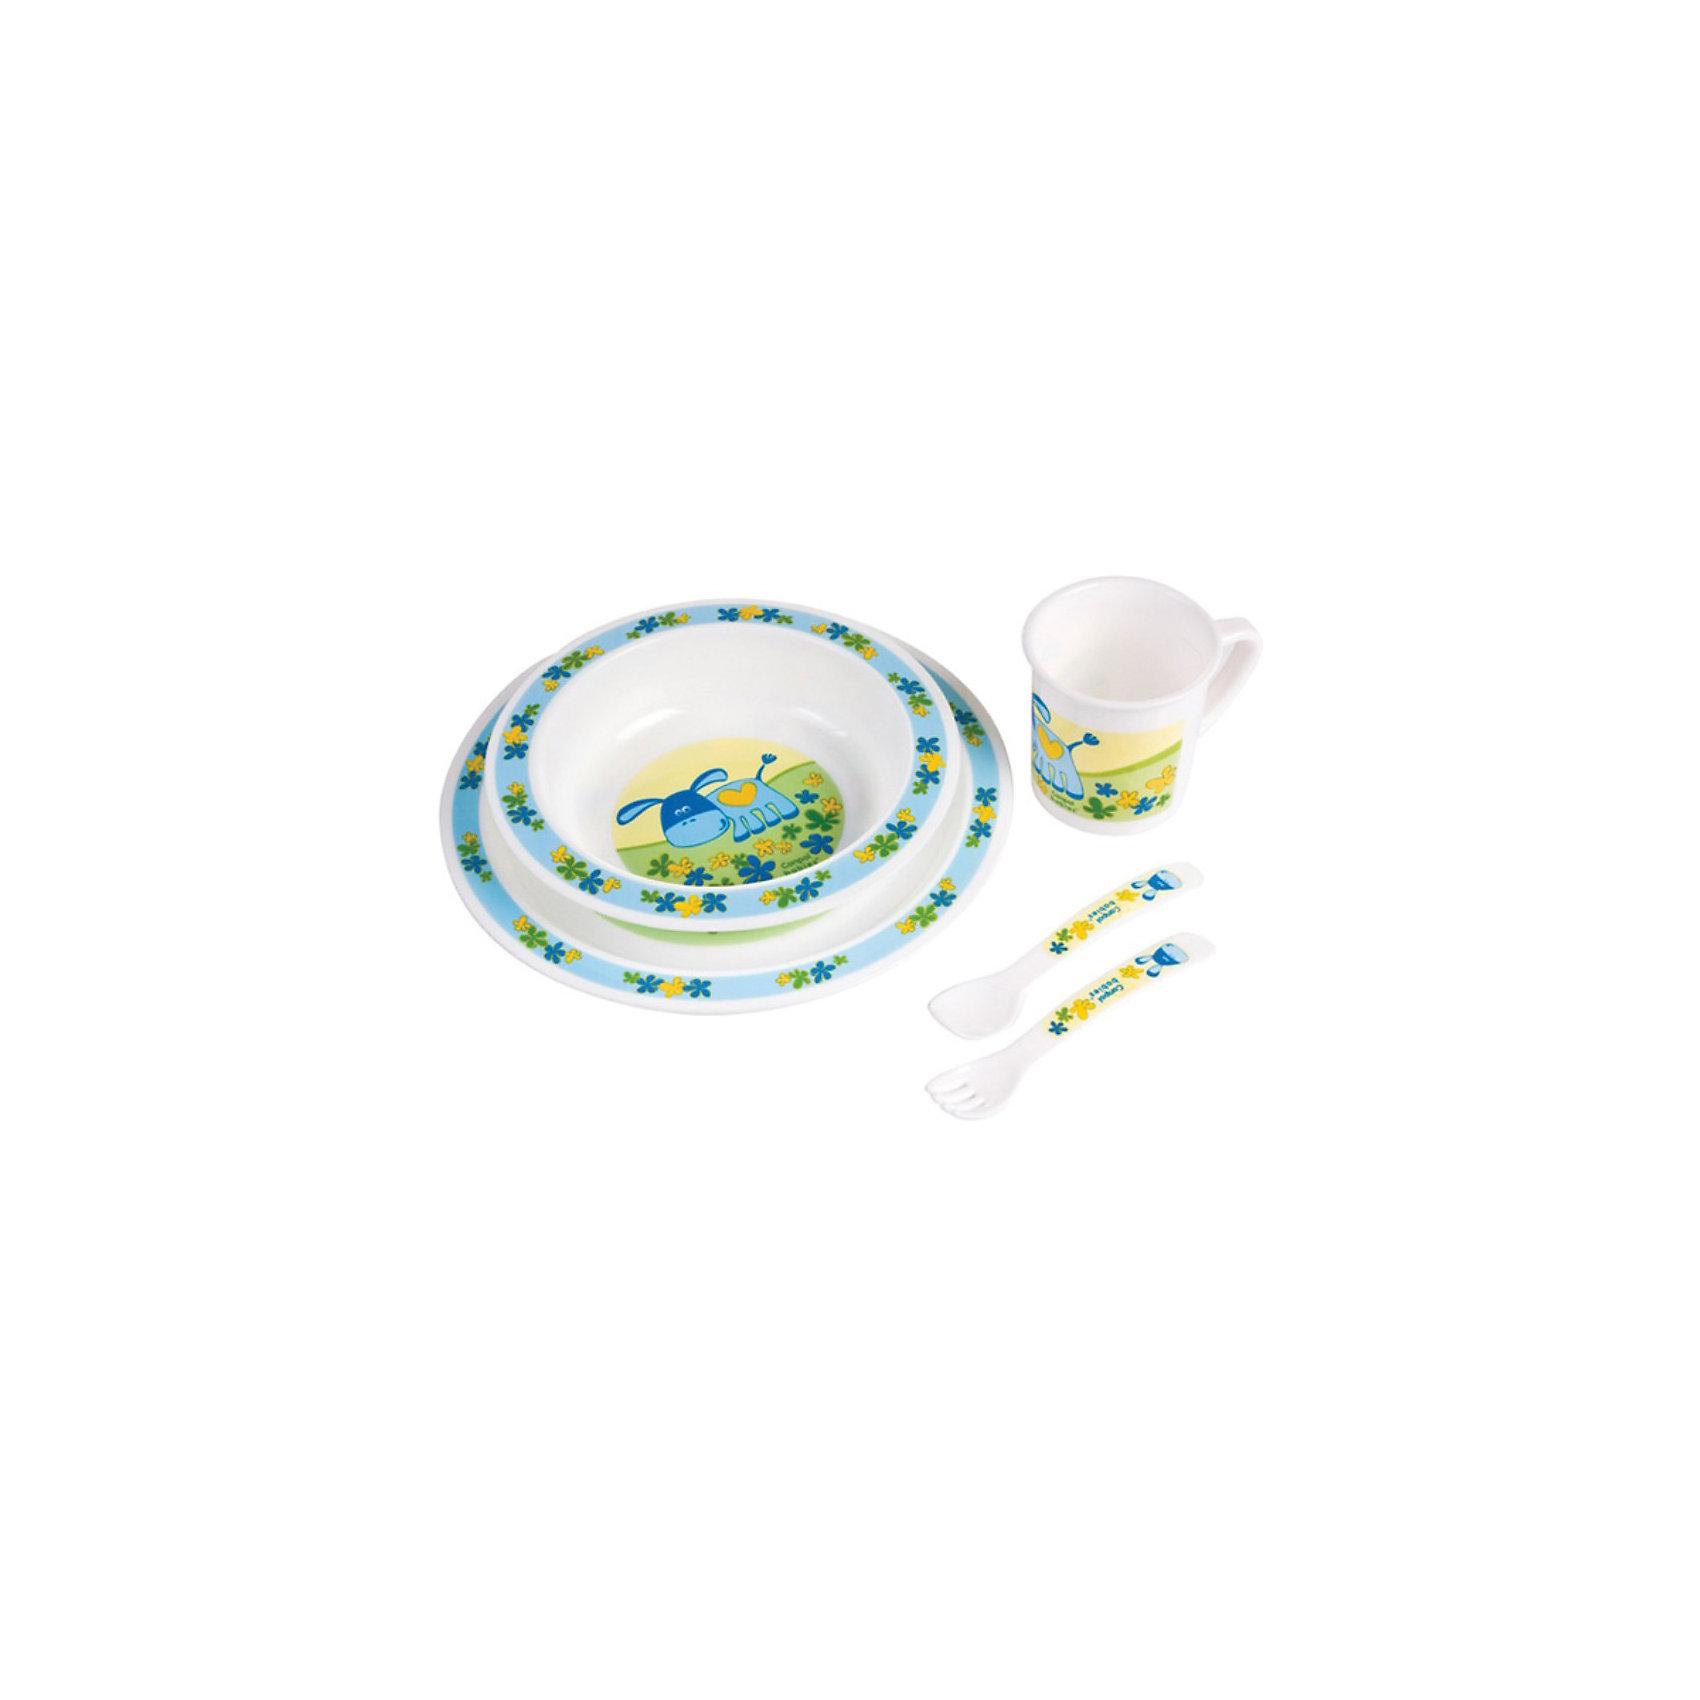 Набор посуды, Canpol, голубой